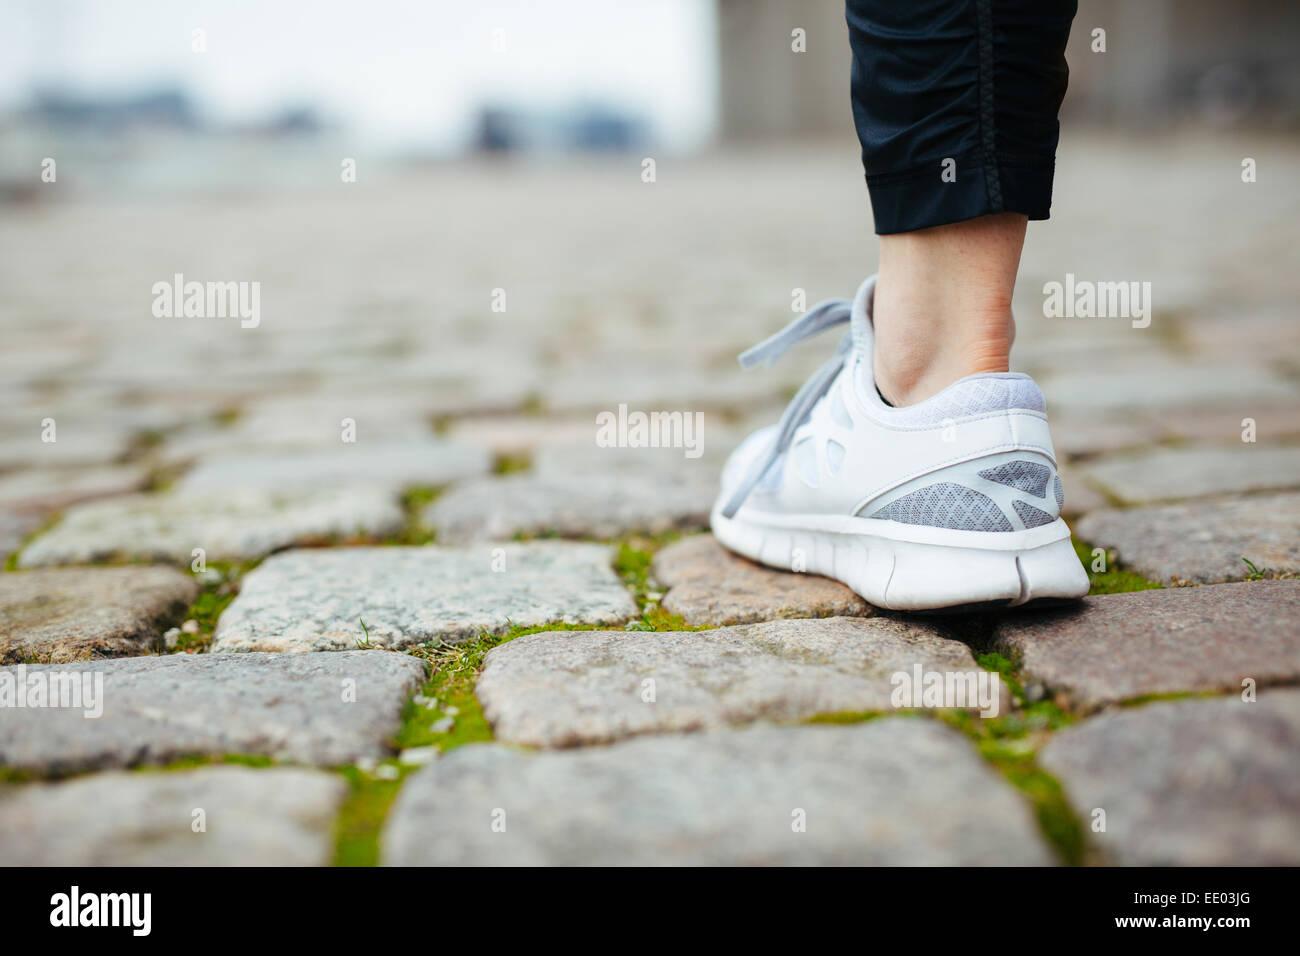 Jambe de female jogger marcher sur la chaussée. L'accent de chaussures. Femme pieds sur le trottoir. Photo Stock